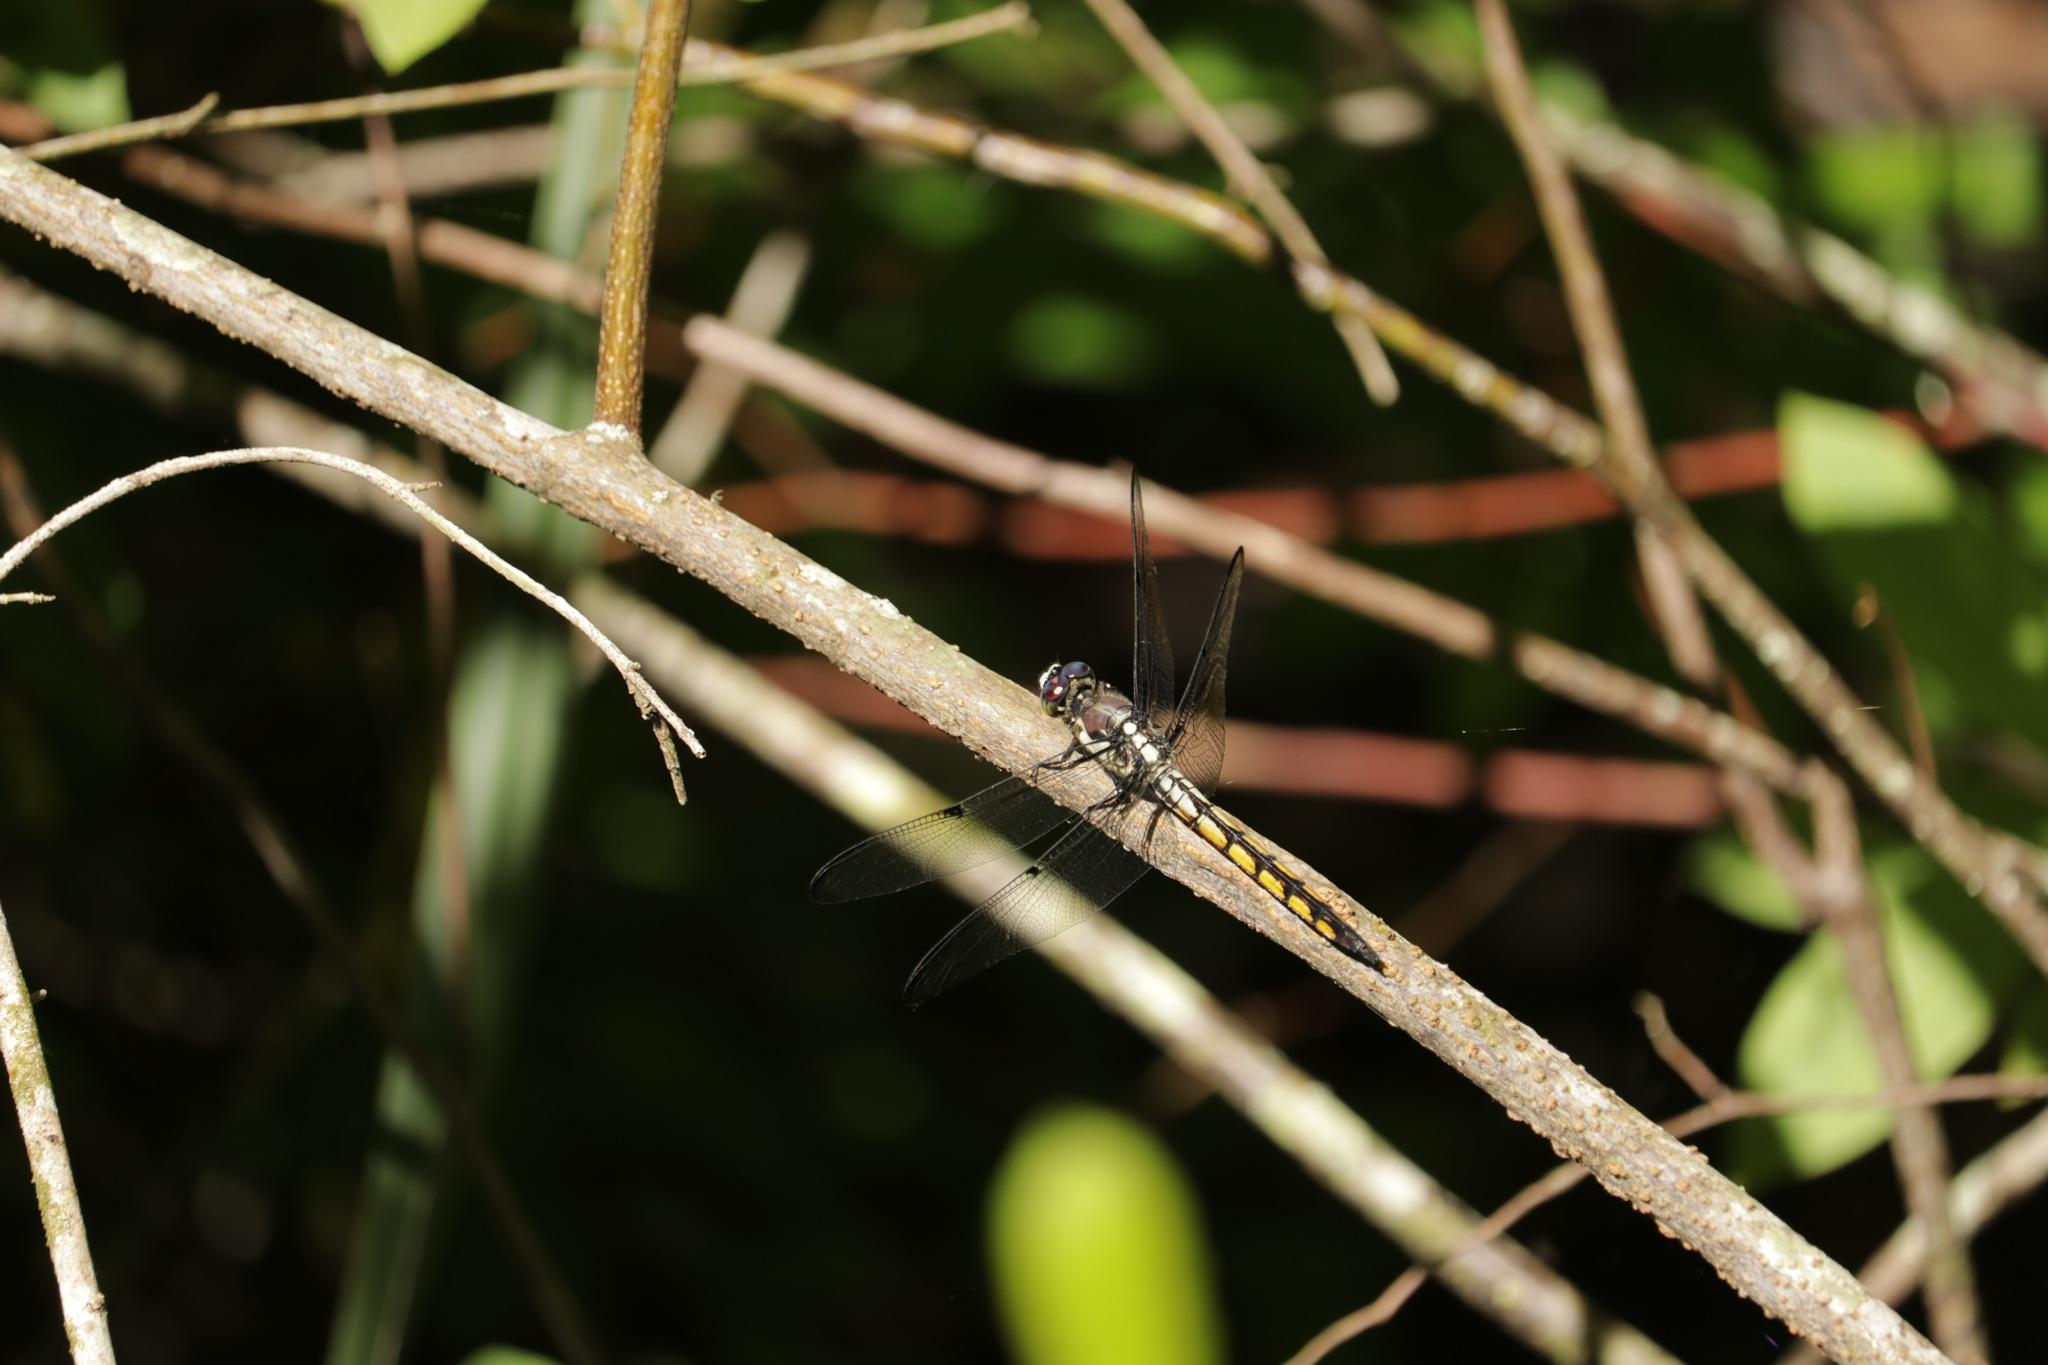 Dragonfly by Harry Hambrick